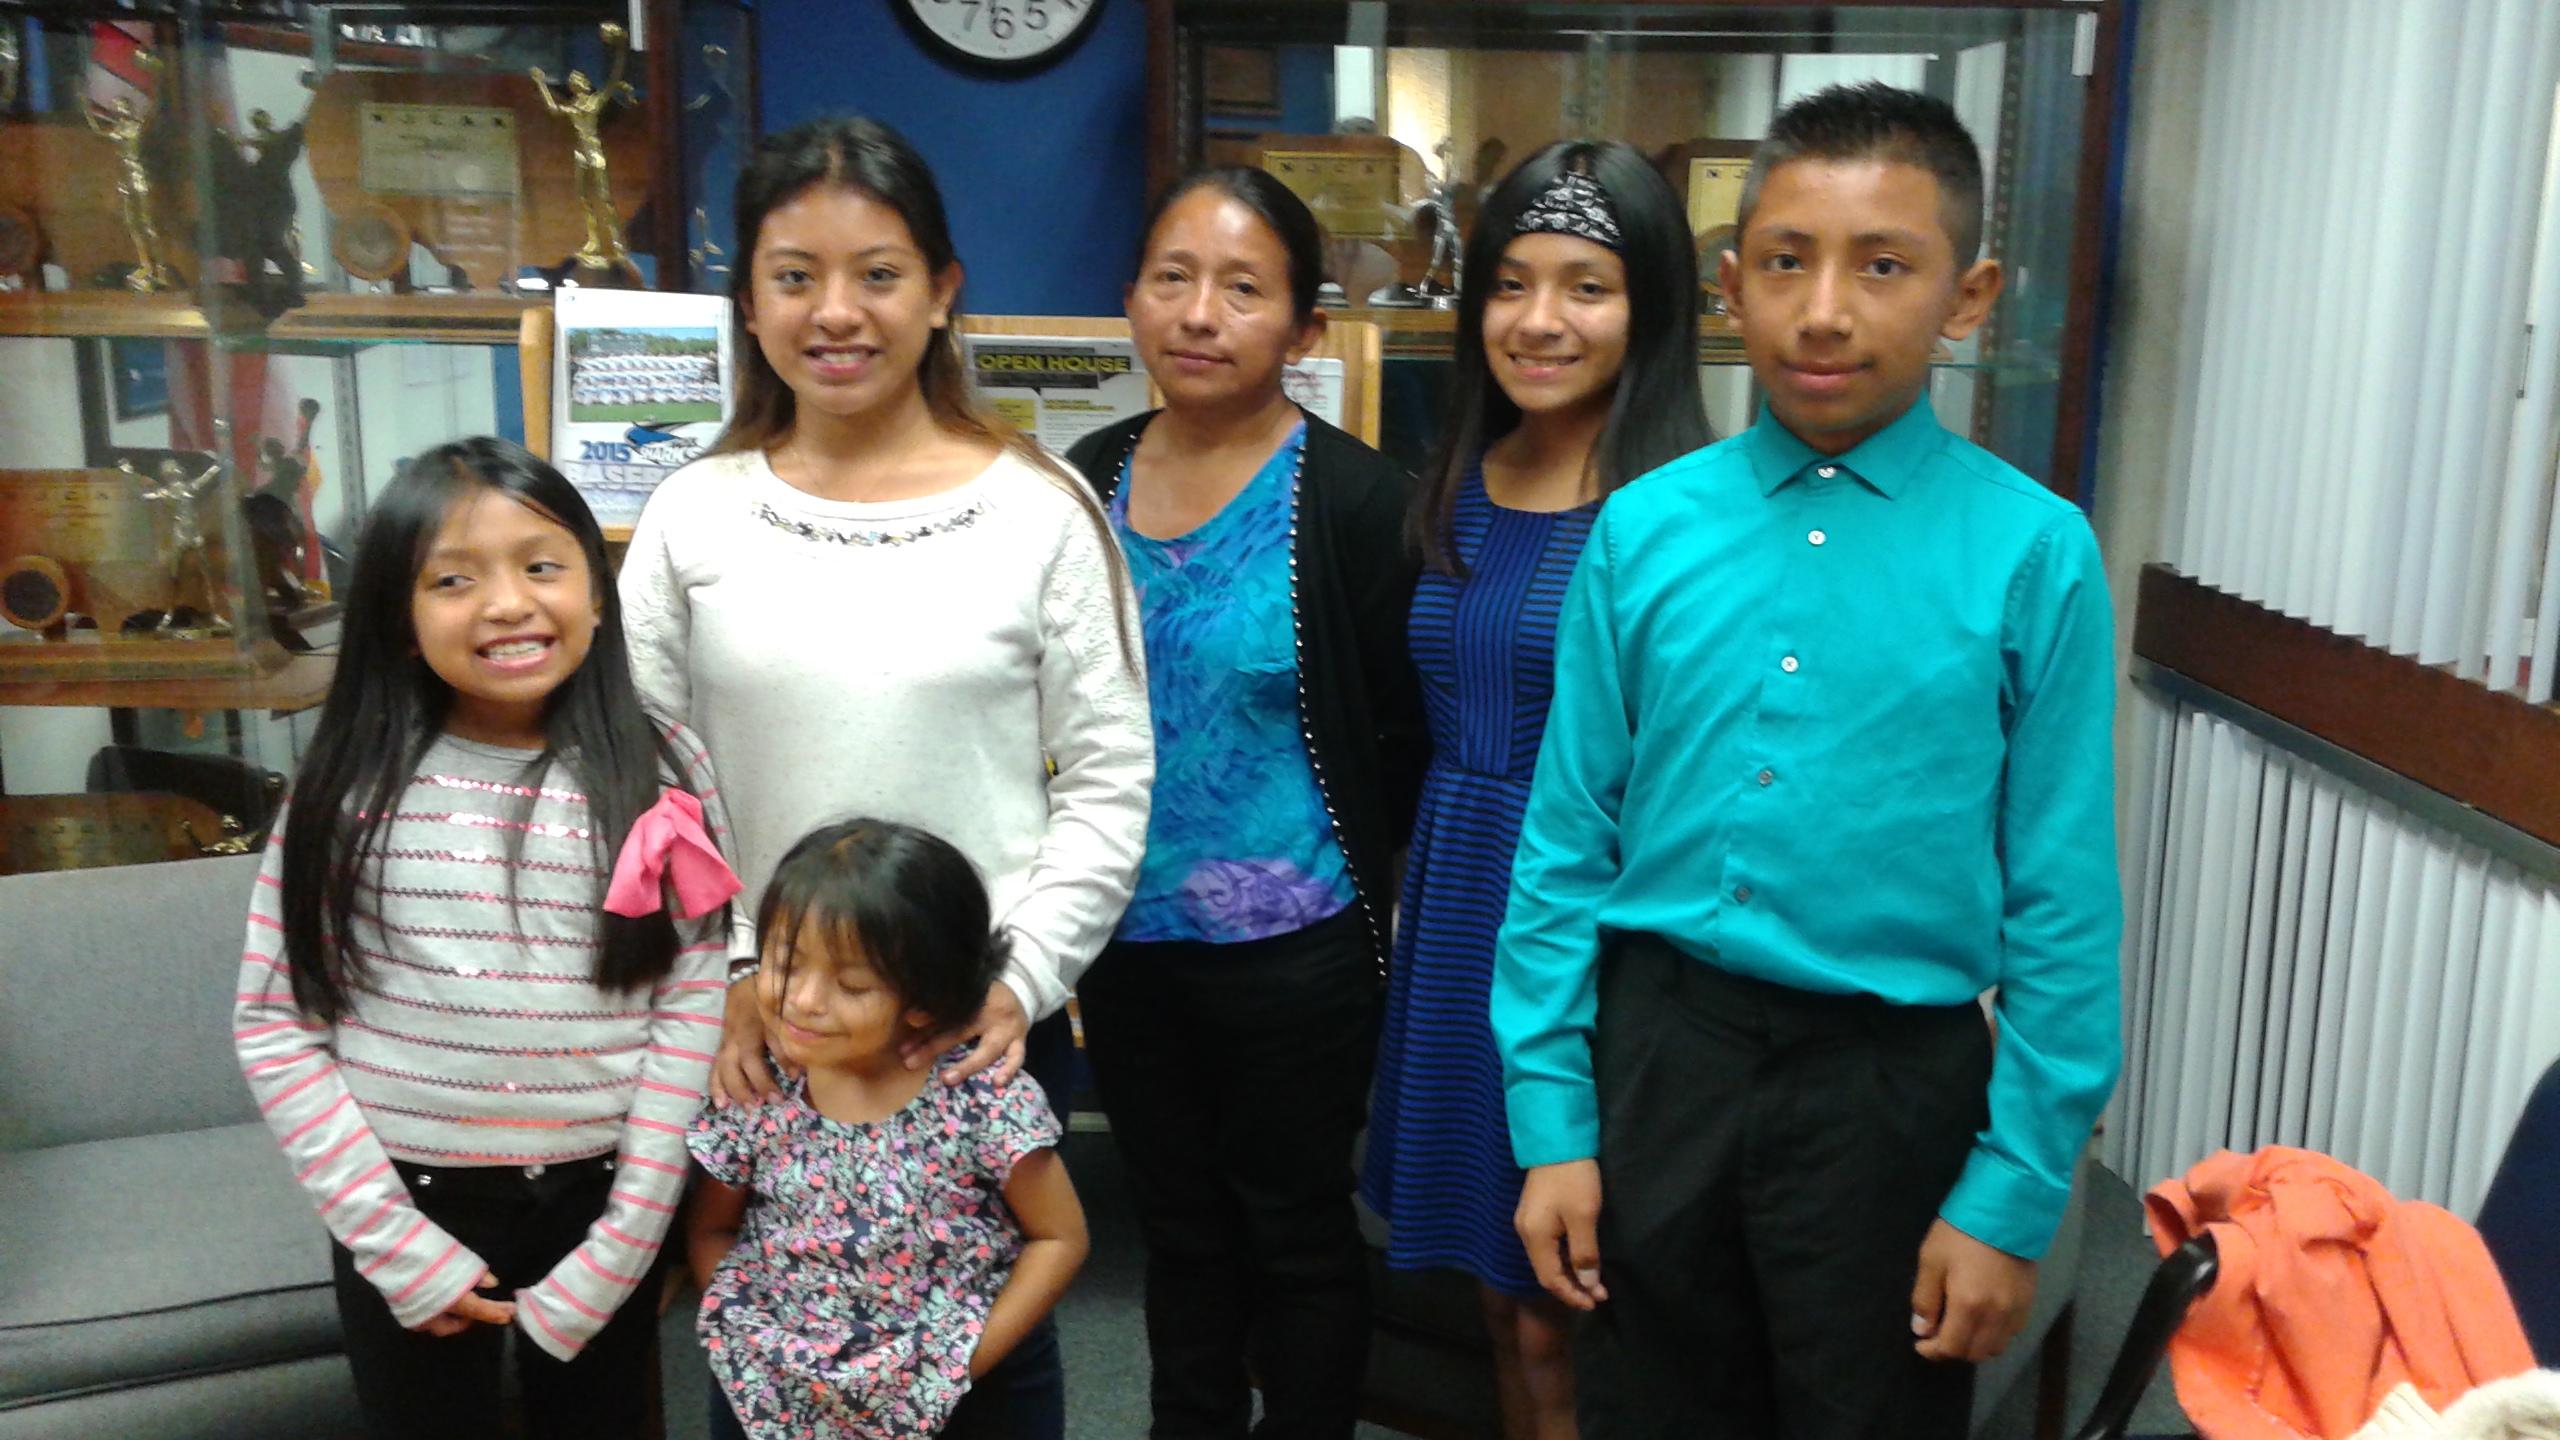 La familia Quiej antes del debate demócrata de Univision